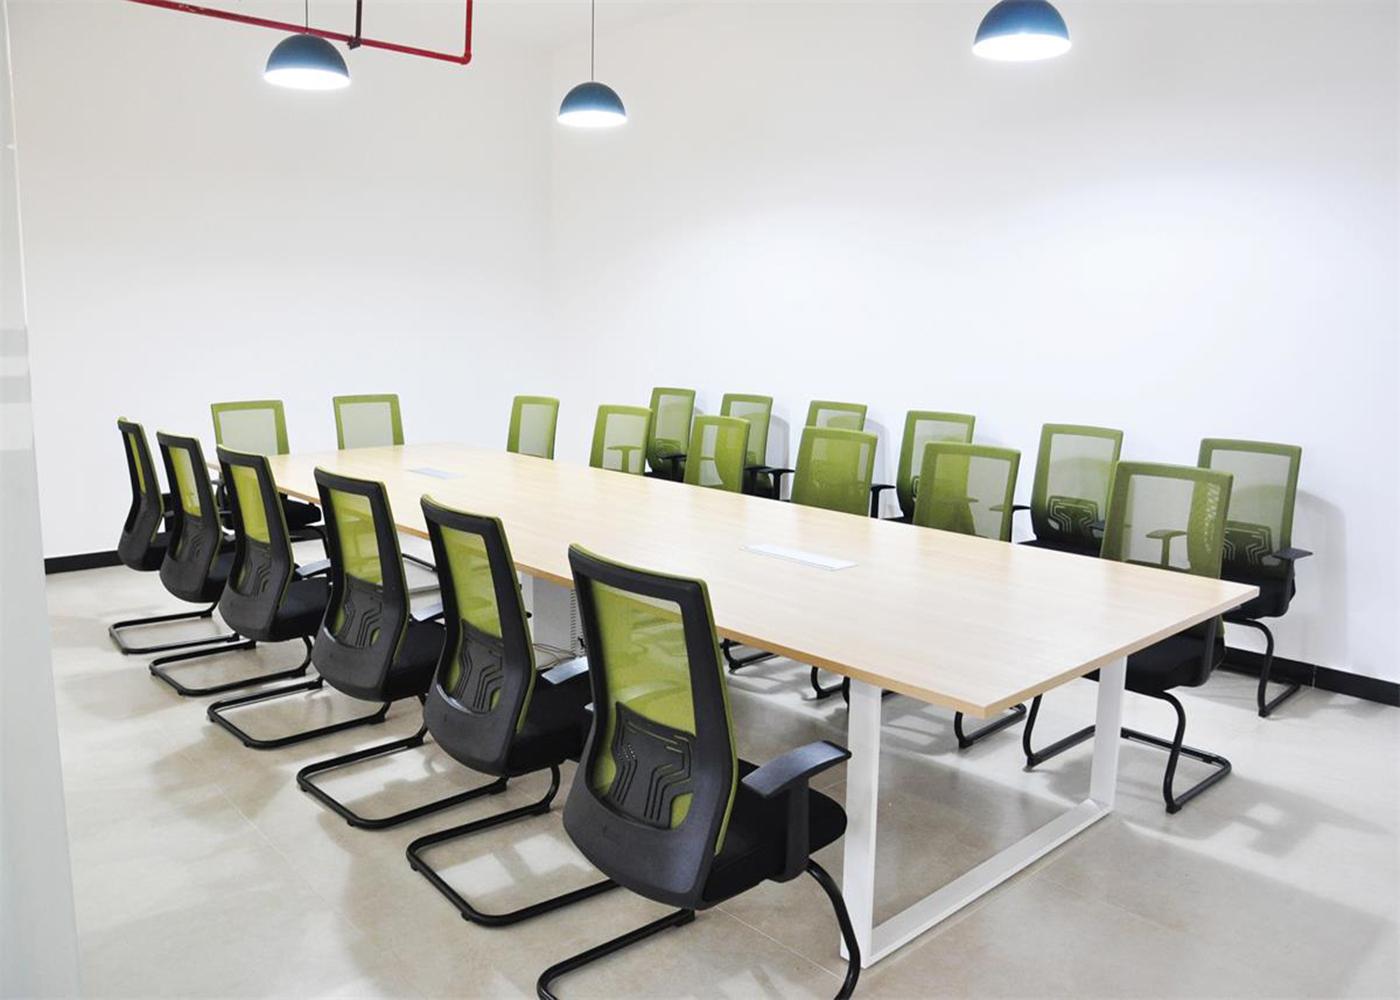 雷蒂斯会议桌A26,上海会议桌,【尺寸 价格 图片 品牌】